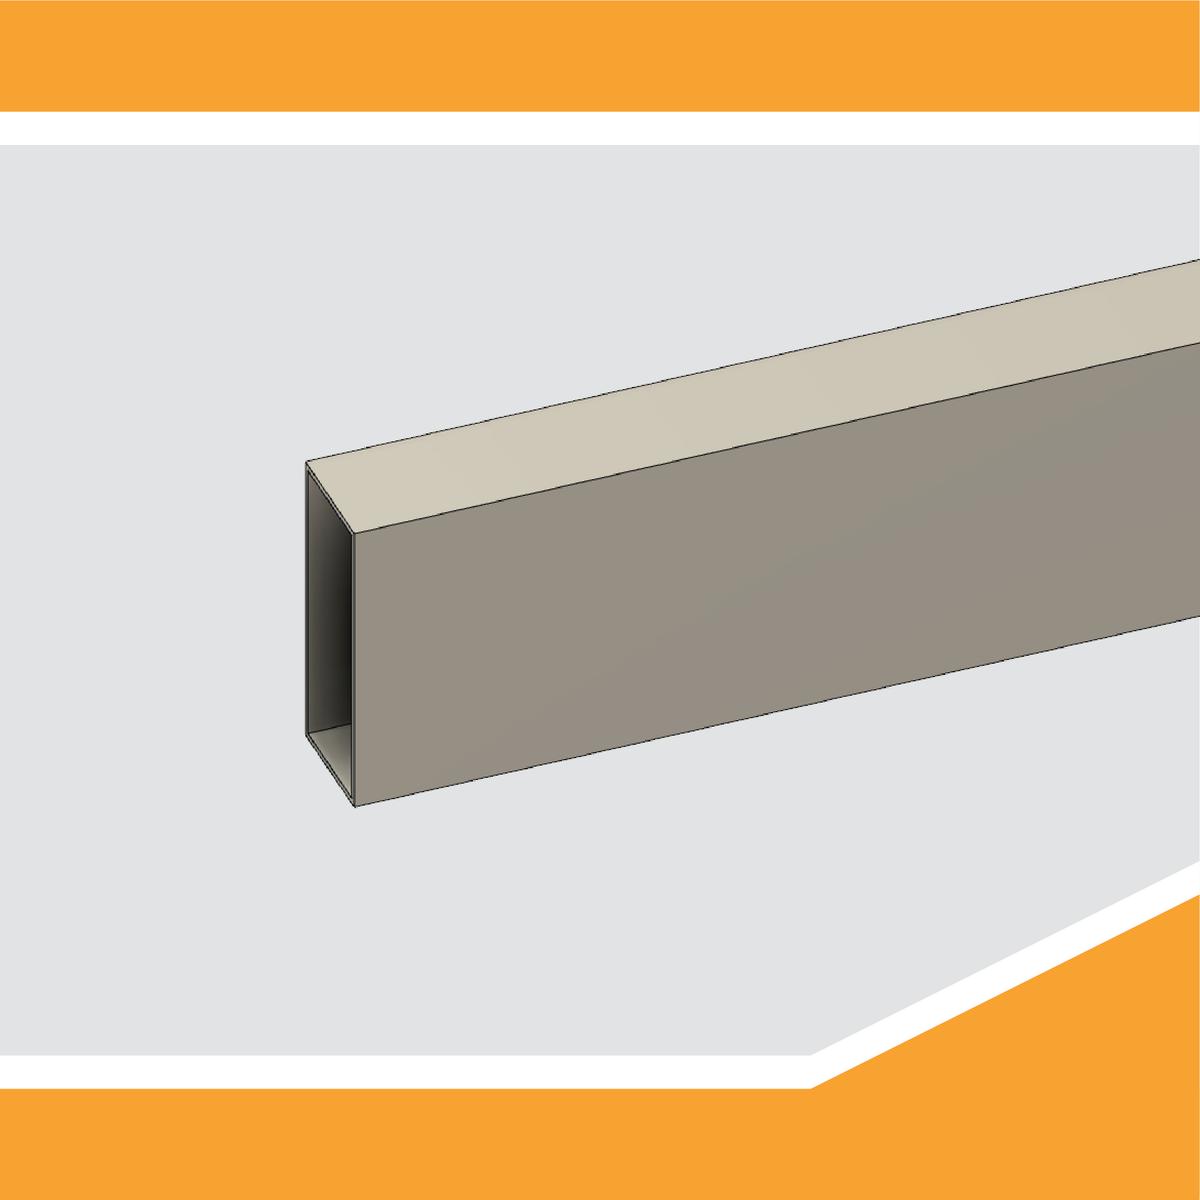 Il progetto CNC prosegue... Tubolare in alluminio per supportare i binari di scorrimento. #cnc #diy #fusion #fusion360 #autodesk #3Dprint #adskfusion360 #3Dparts #fusion360cam #homemadecnc #cnchomemade @adskFusion360